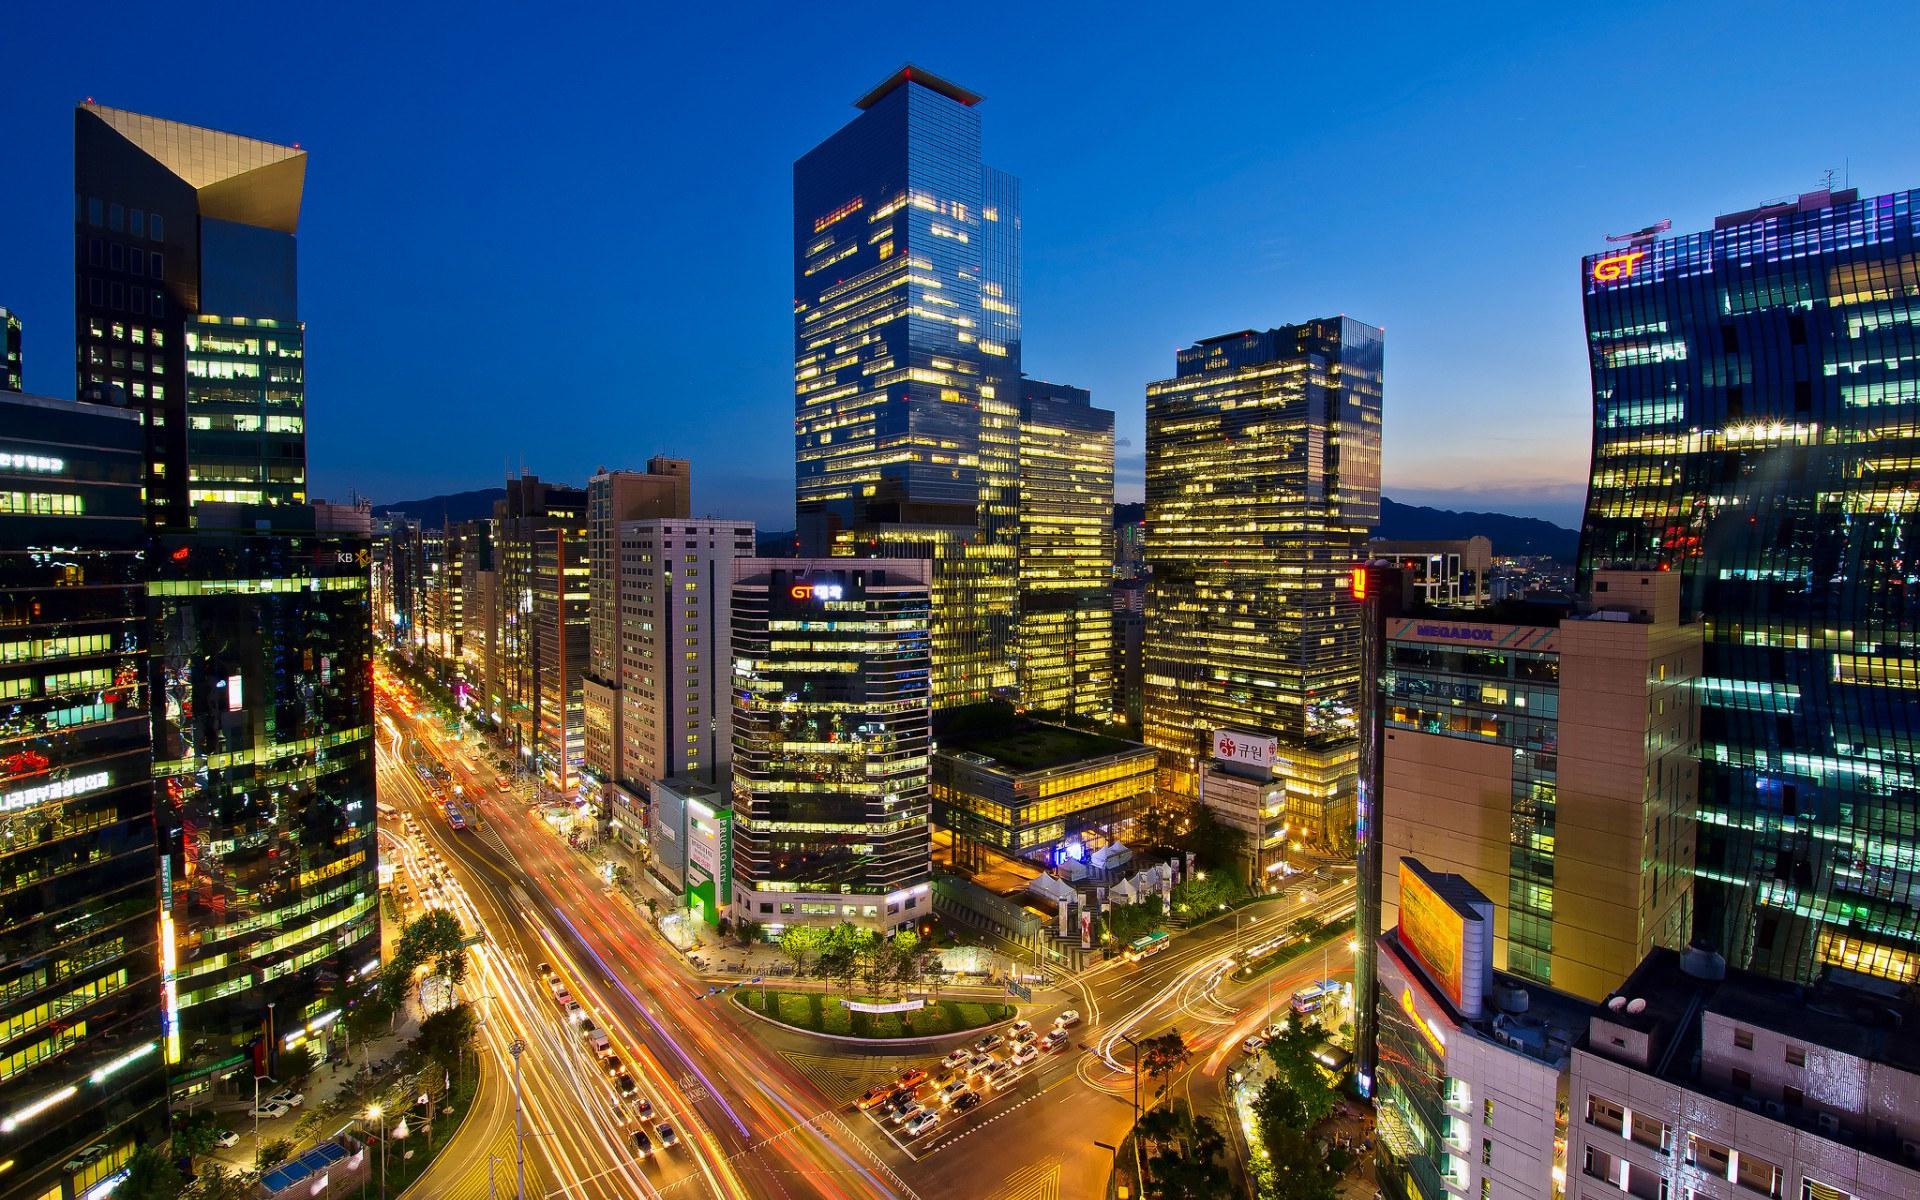 中国房价收入比过高,应警惕楼市泡沫